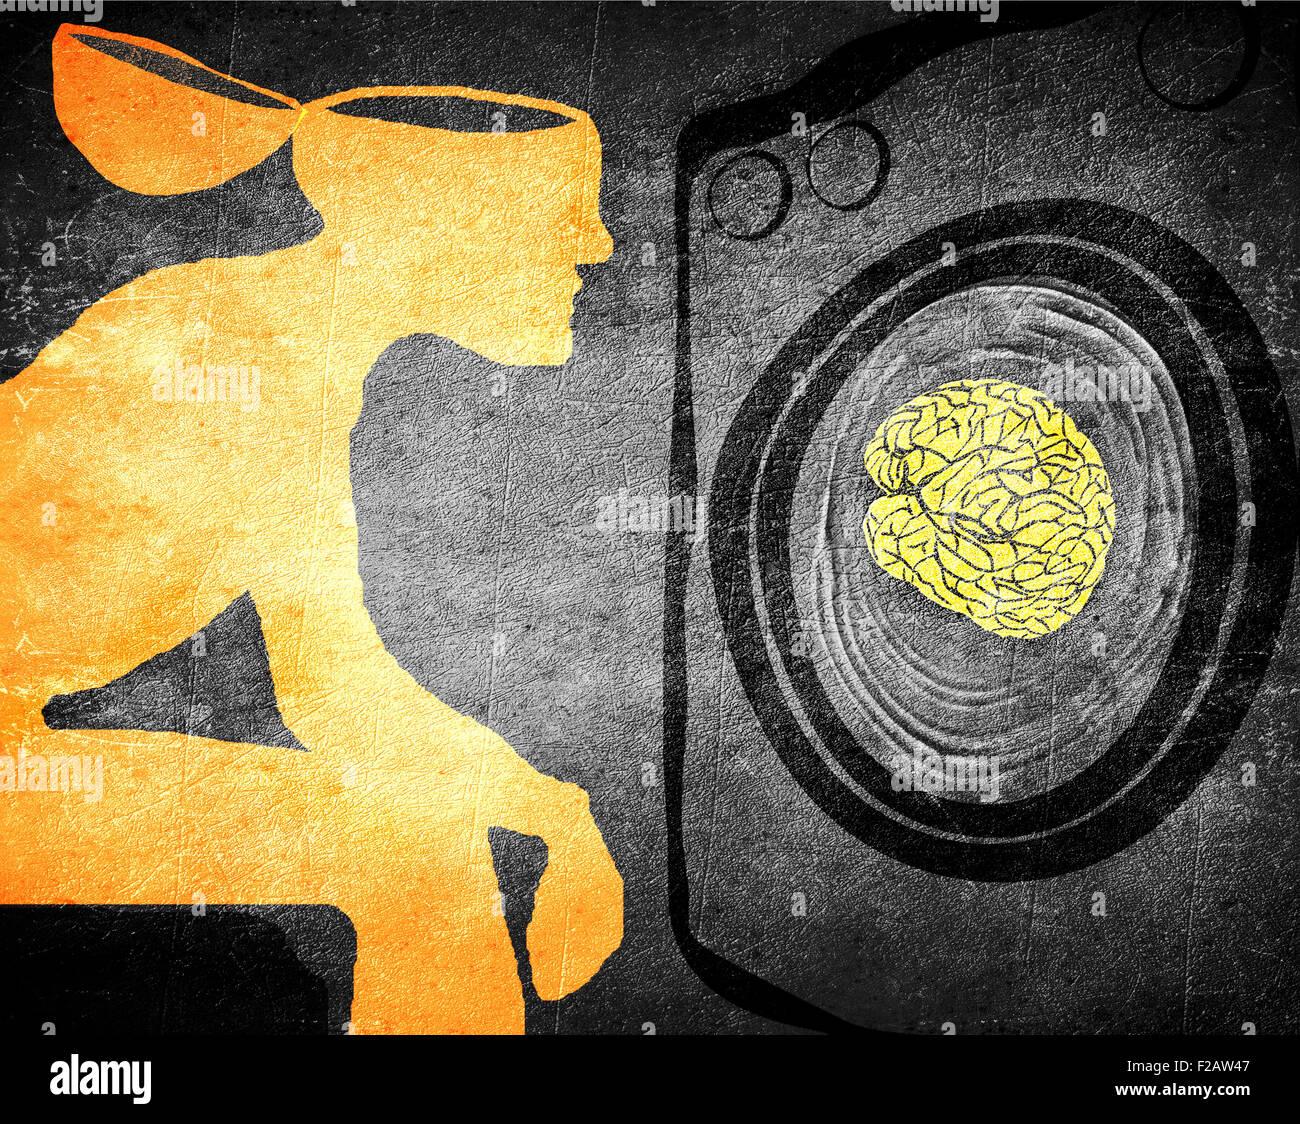 El lavado de cerebro la ilustración concepto Imagen De Stock